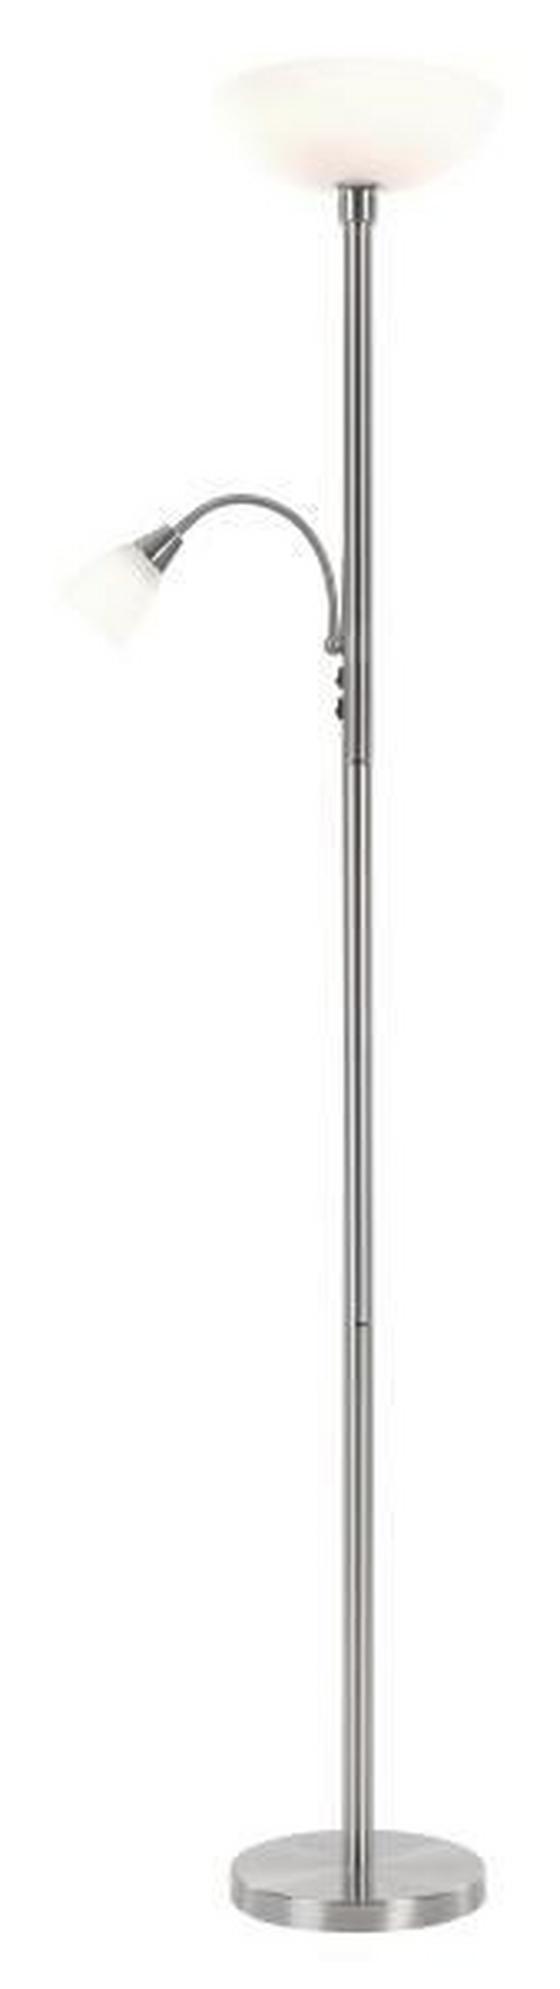 Stehleuchte Hannes - Weiß, KONVENTIONELL, Glas/Metall (30/180cm) - Ombra